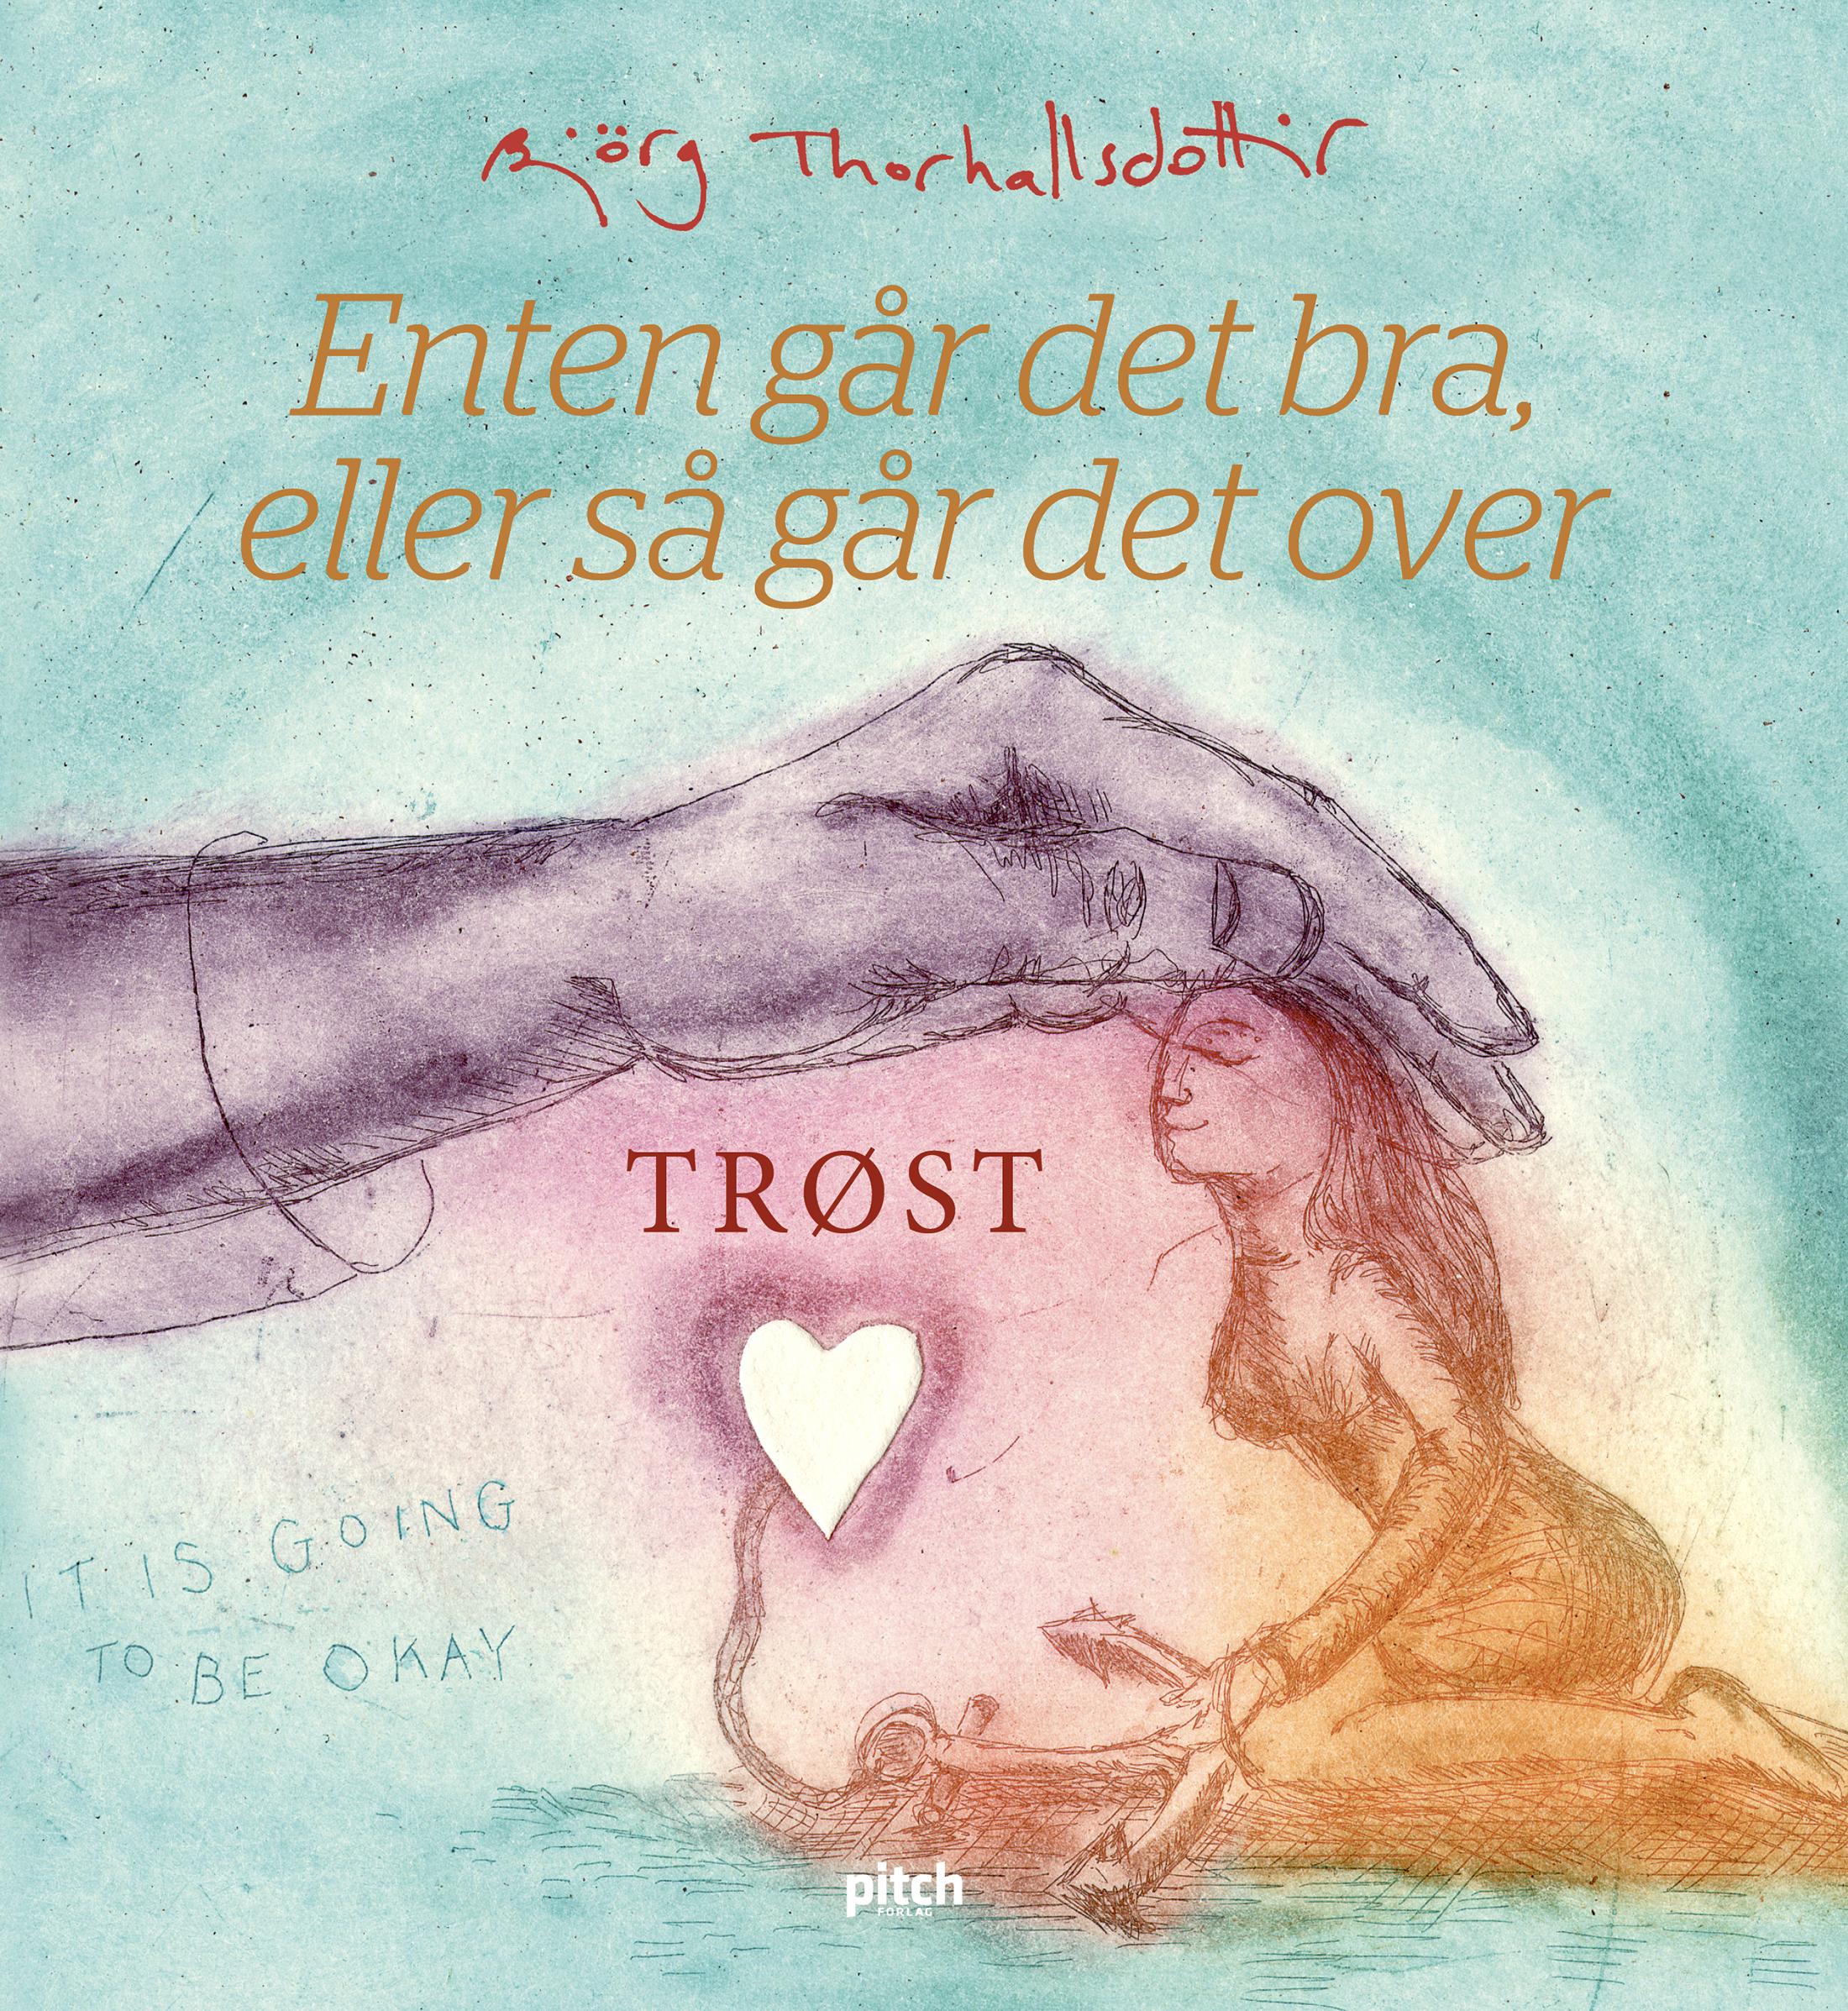 """""""Trøst"""" av Björg Thorhallsdottir"""